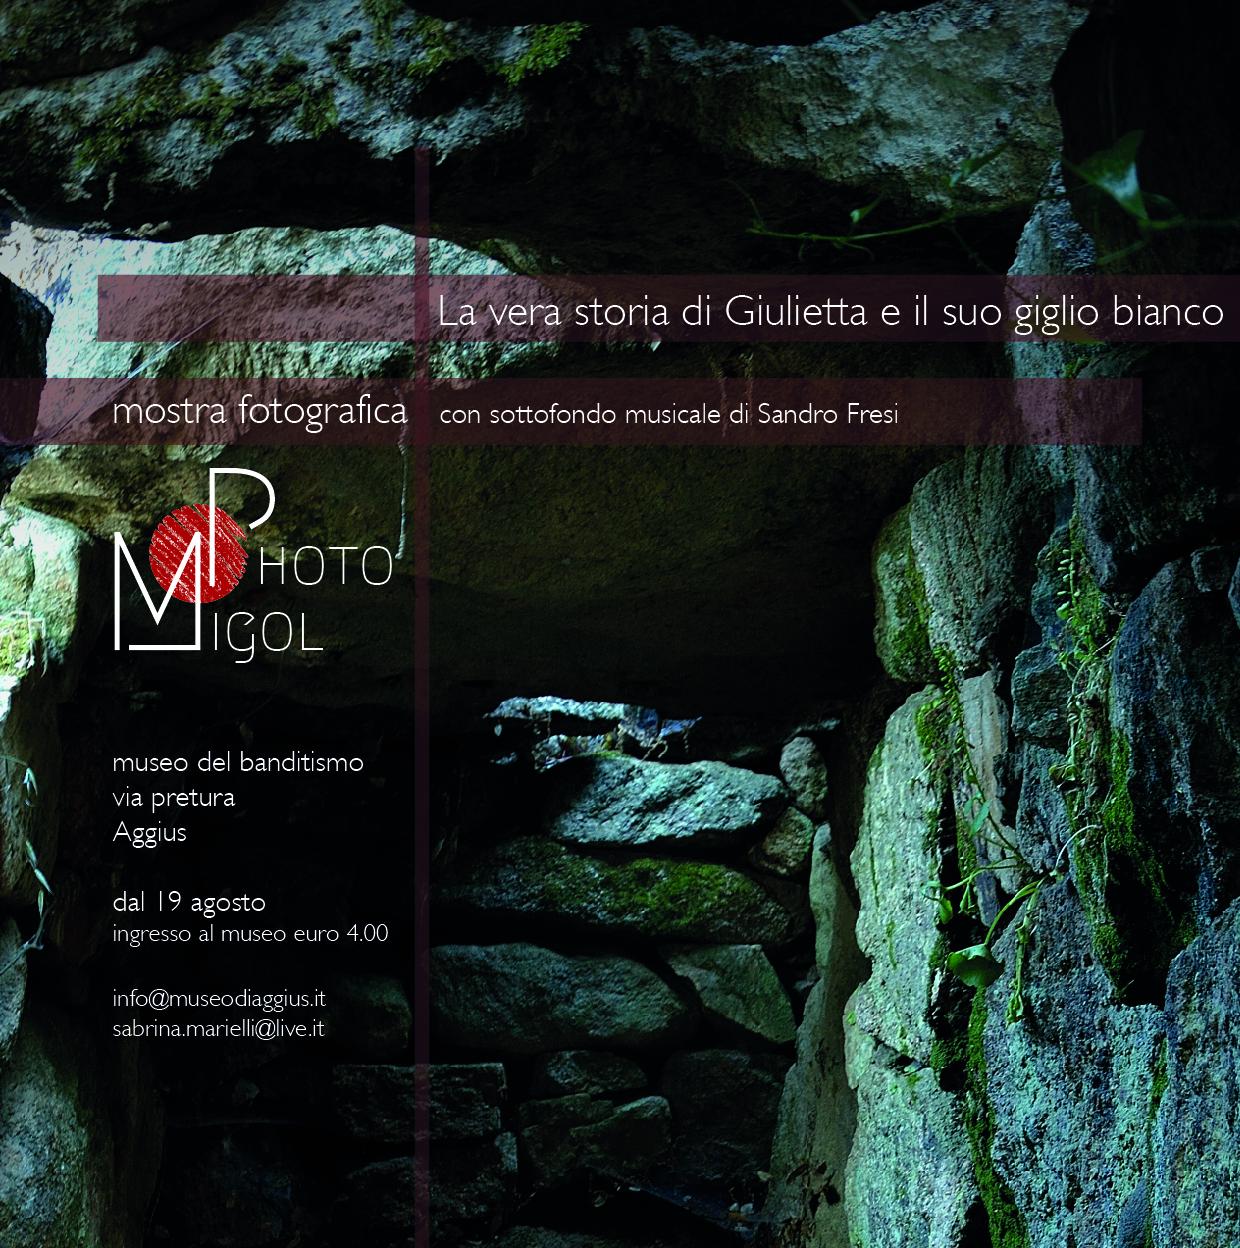 Mostra fotografica – Museo del banditismo – La vera storia di Giulietta e il suo giglio bianco